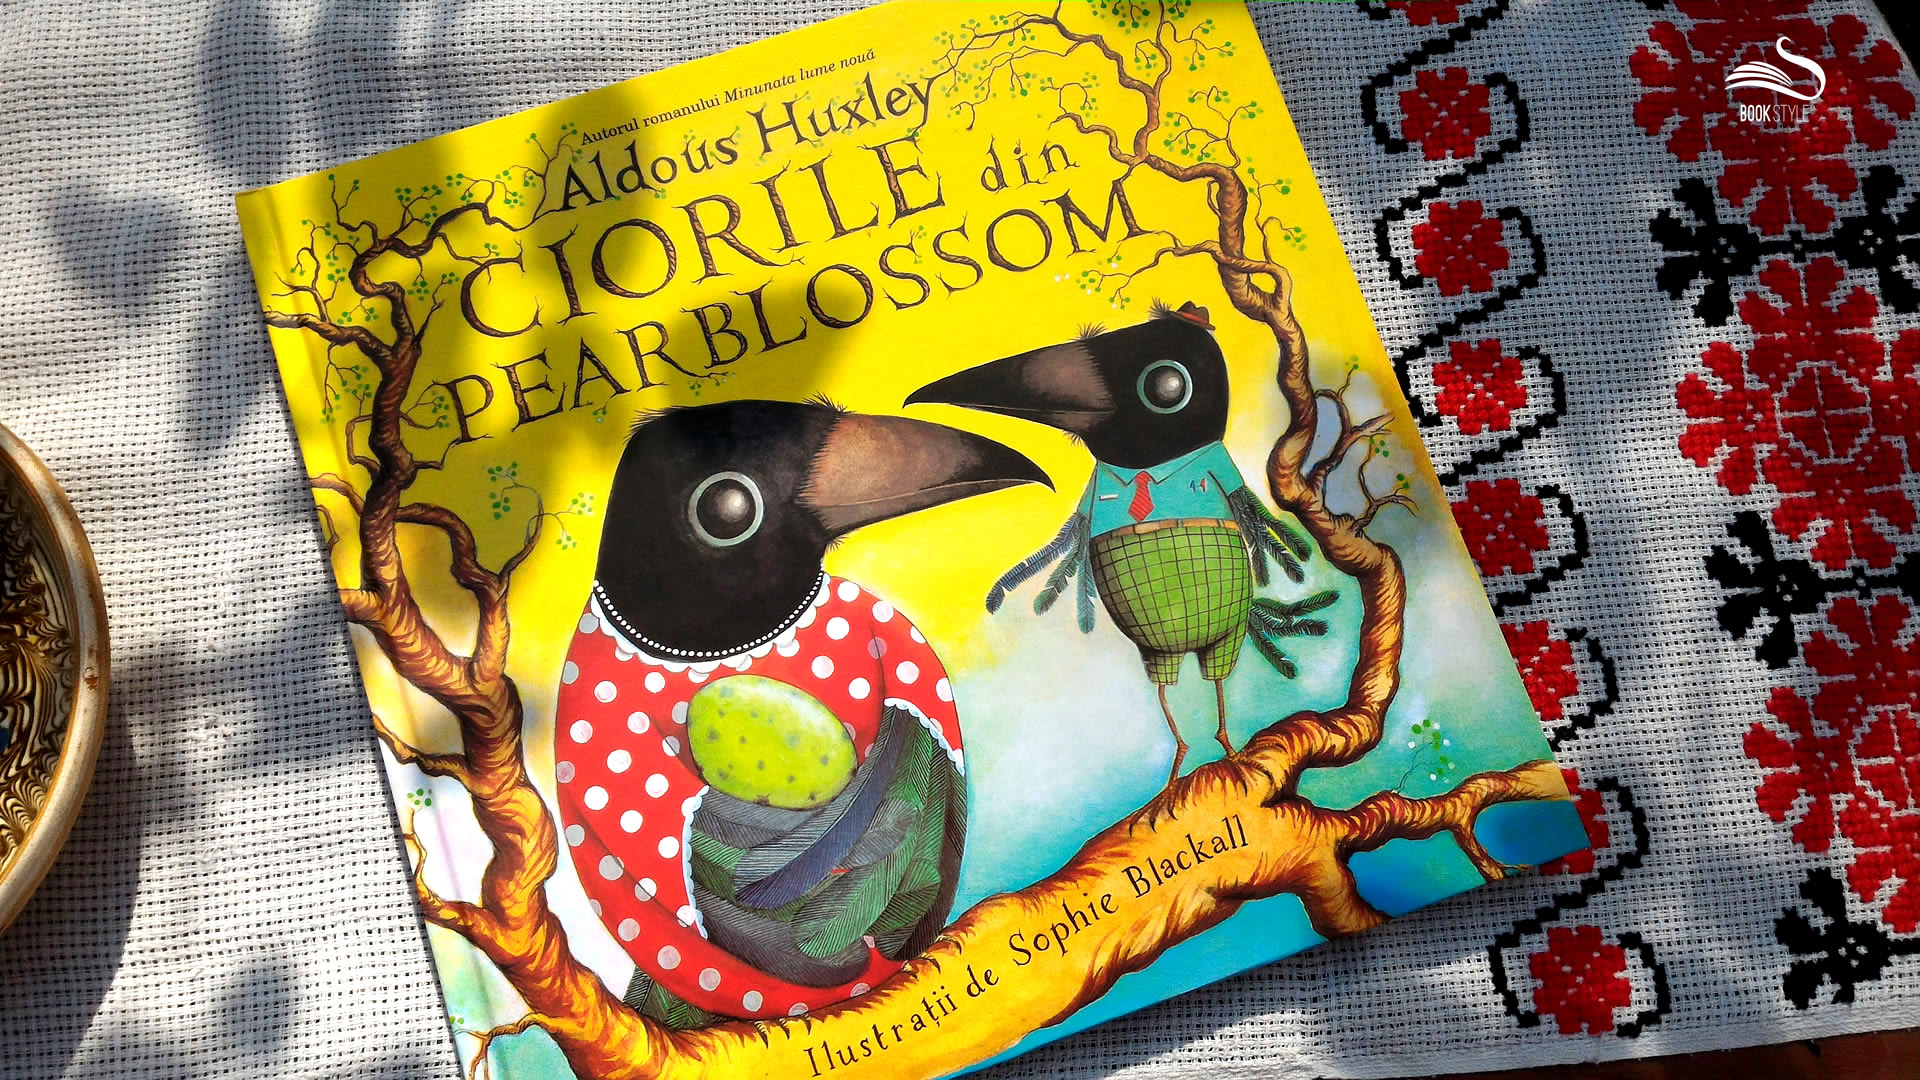 Ciorile din Pearblossom, singura carte de copii scrisă de Aldous Huxley, editura Arthur